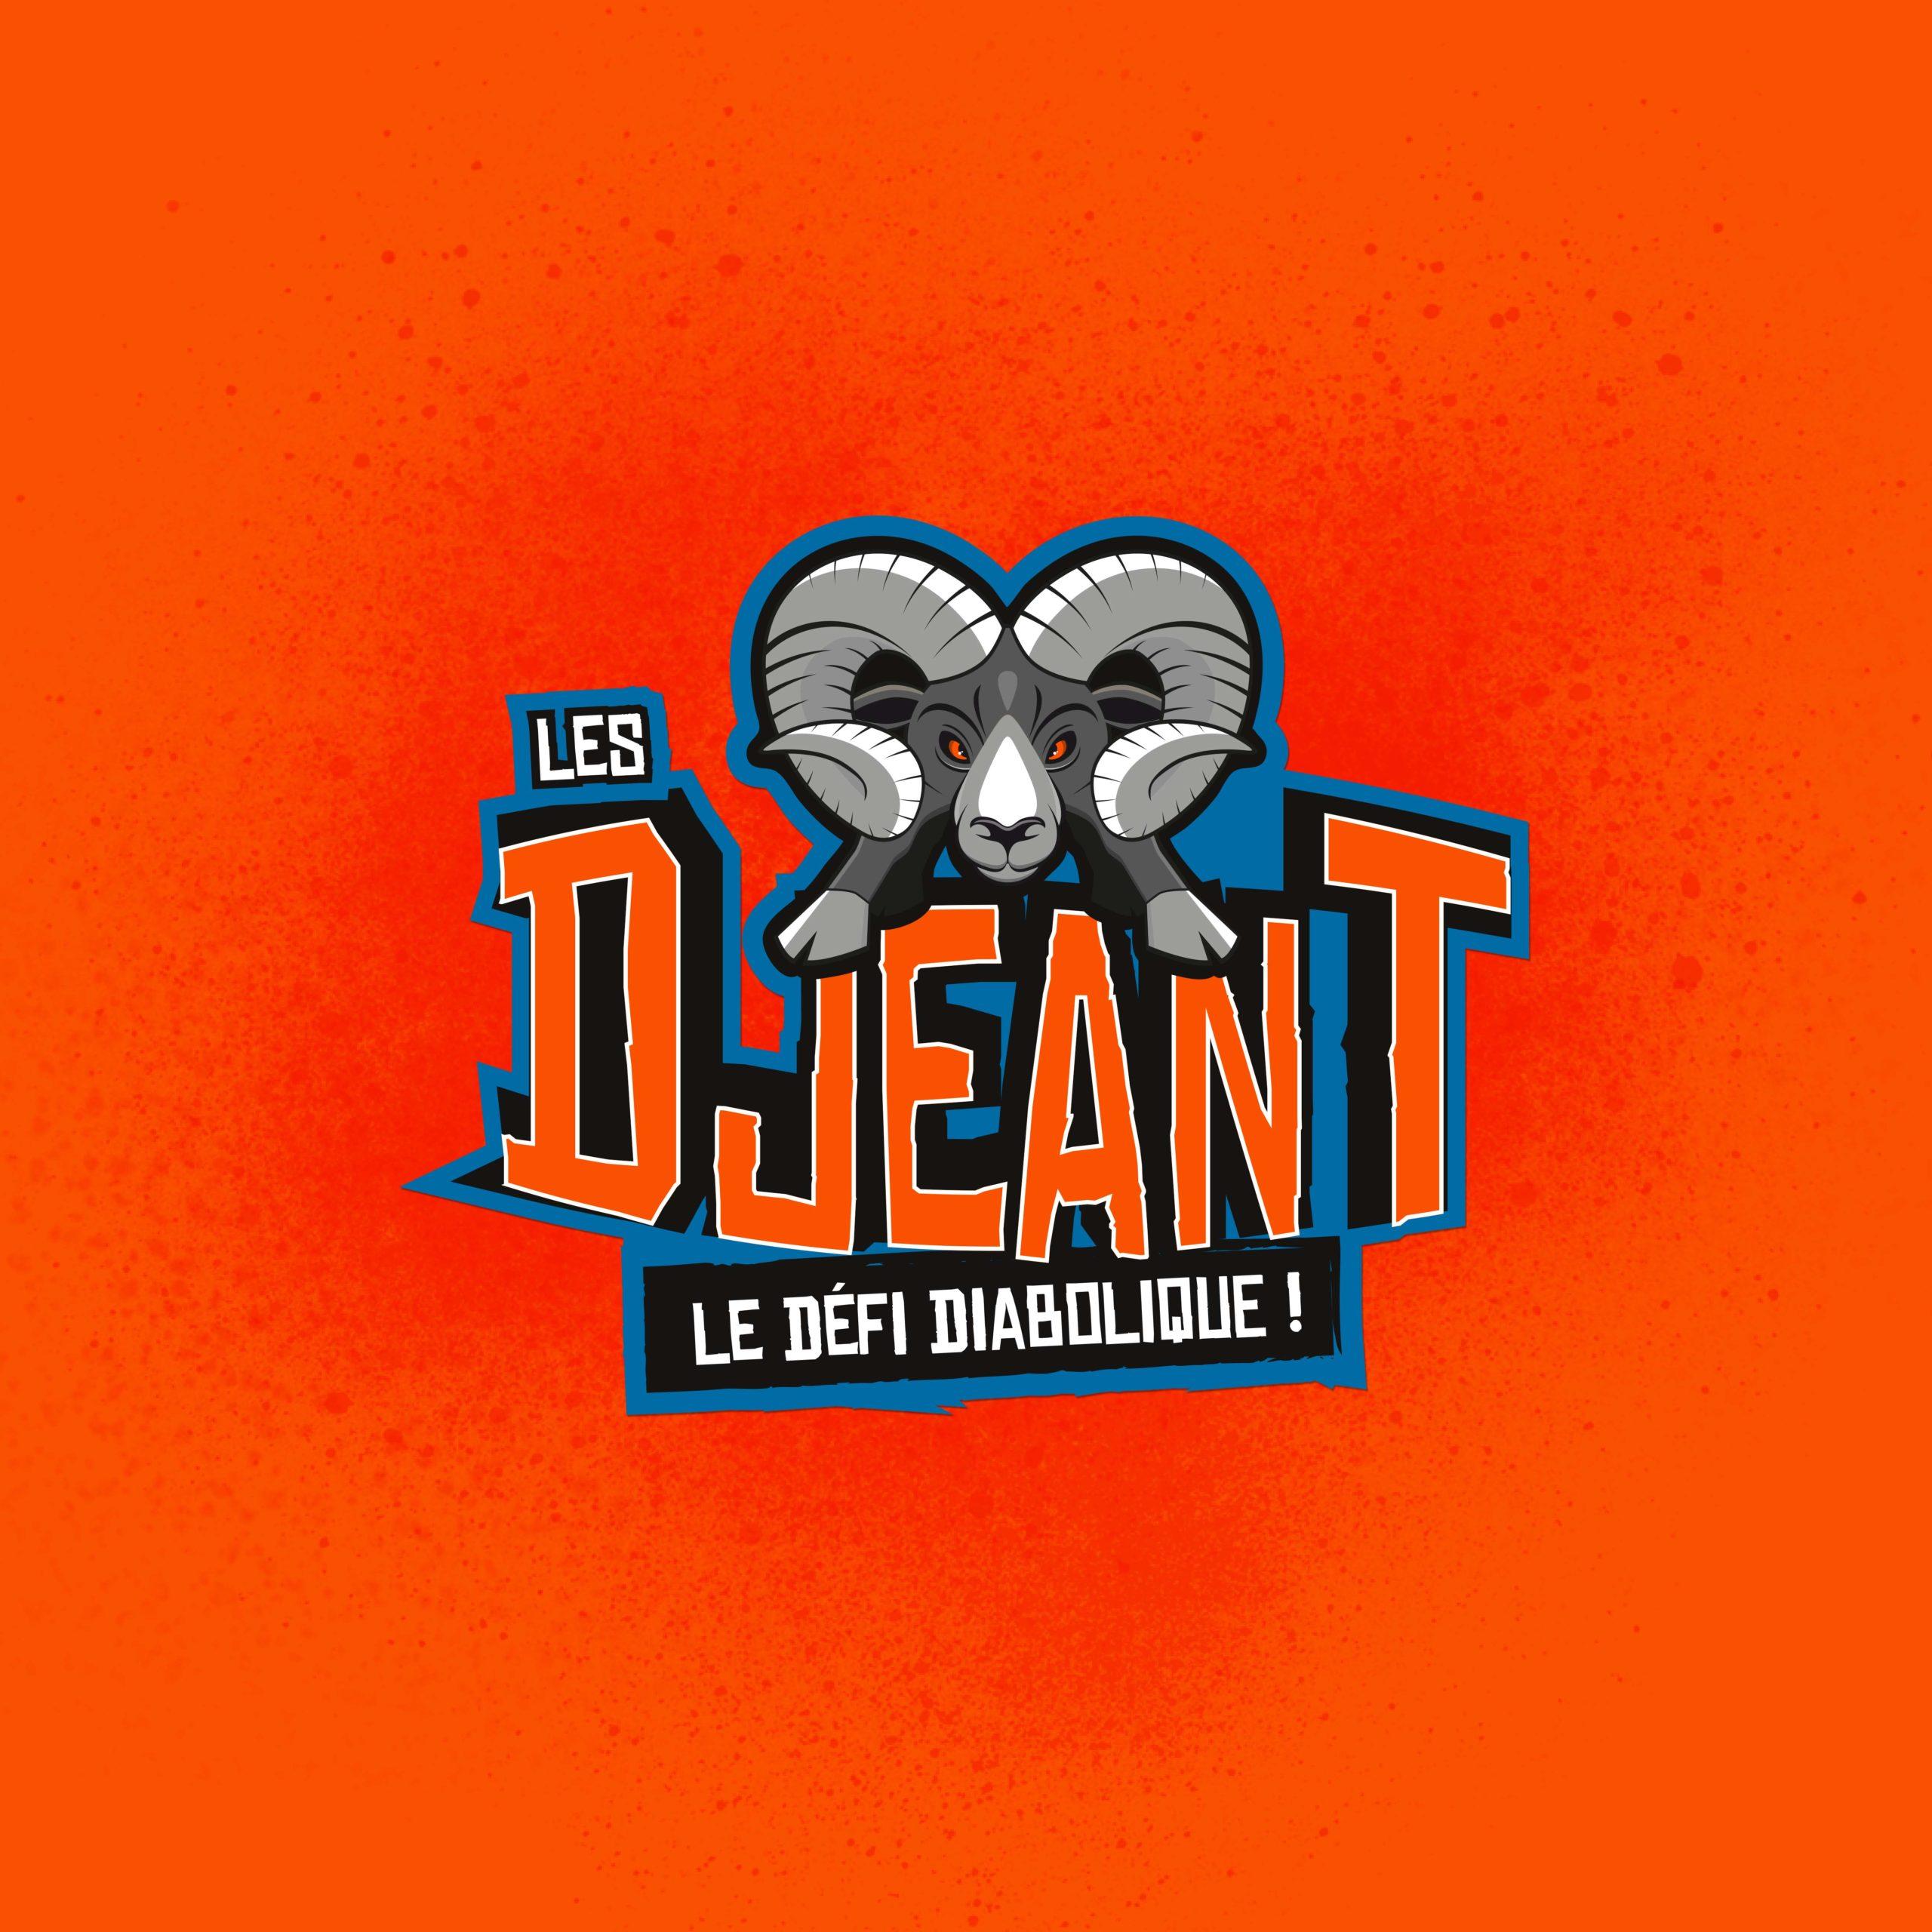 Identité Visuelle - Les DjeanT